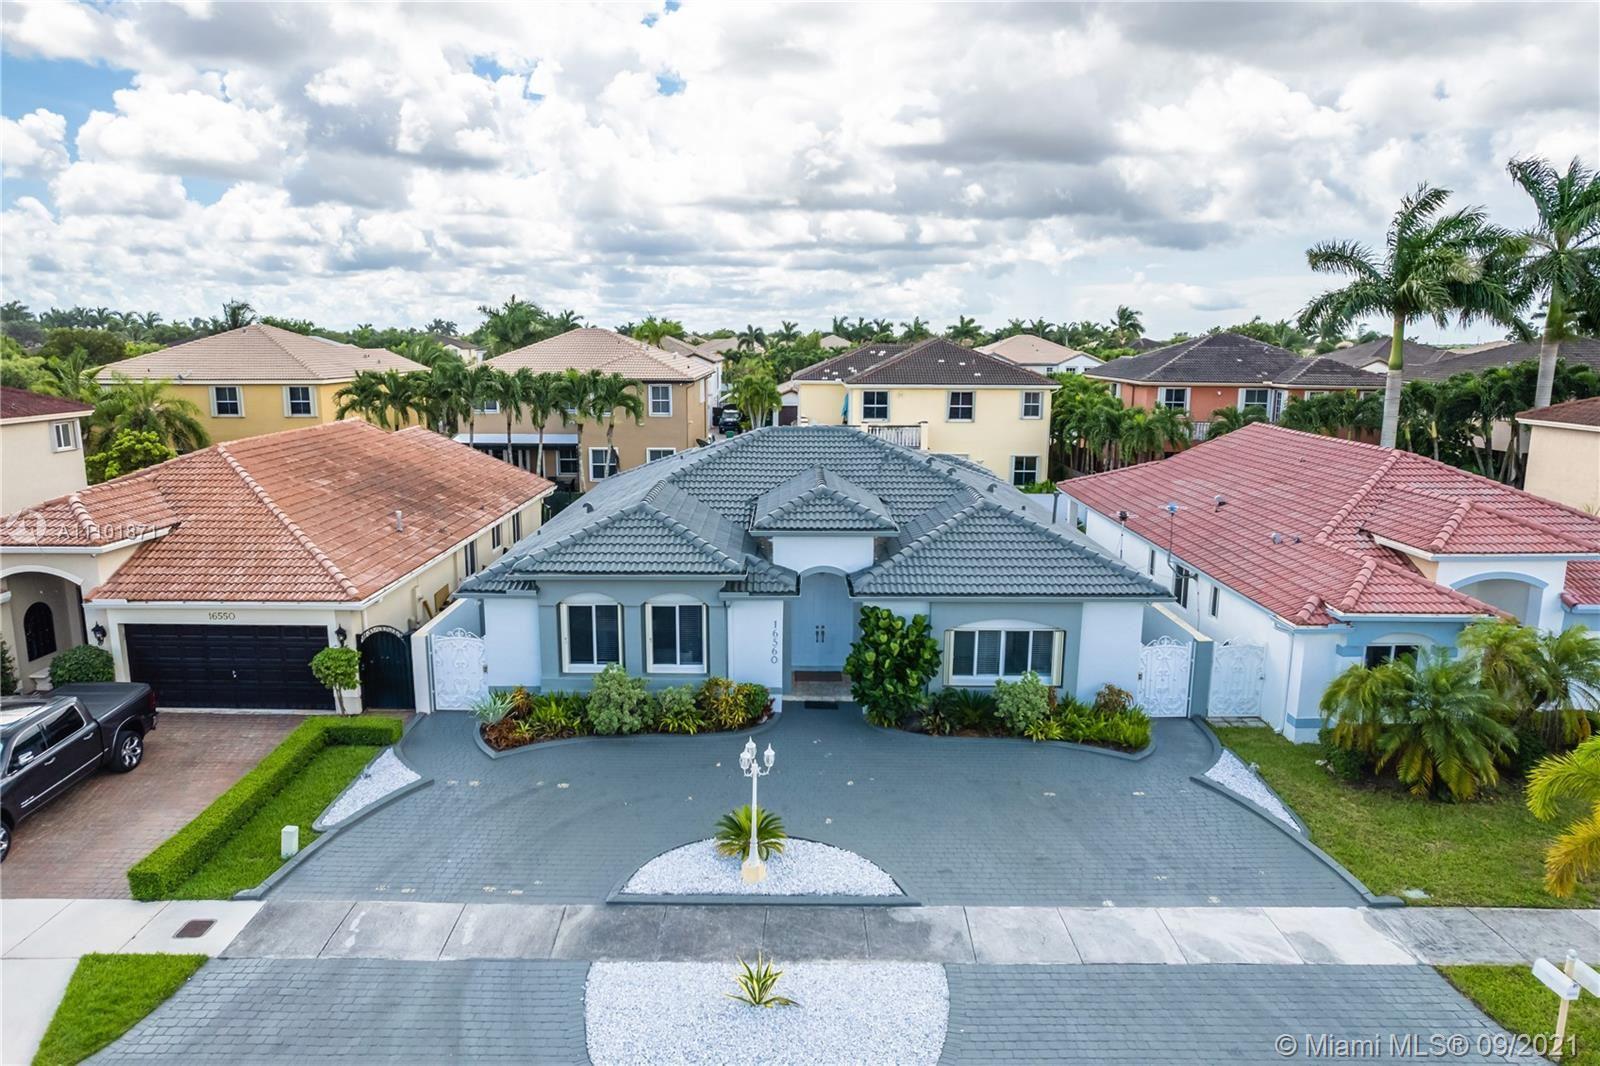 16560 SW 57th Ln, Miami, FL 33193 - #: A11101871